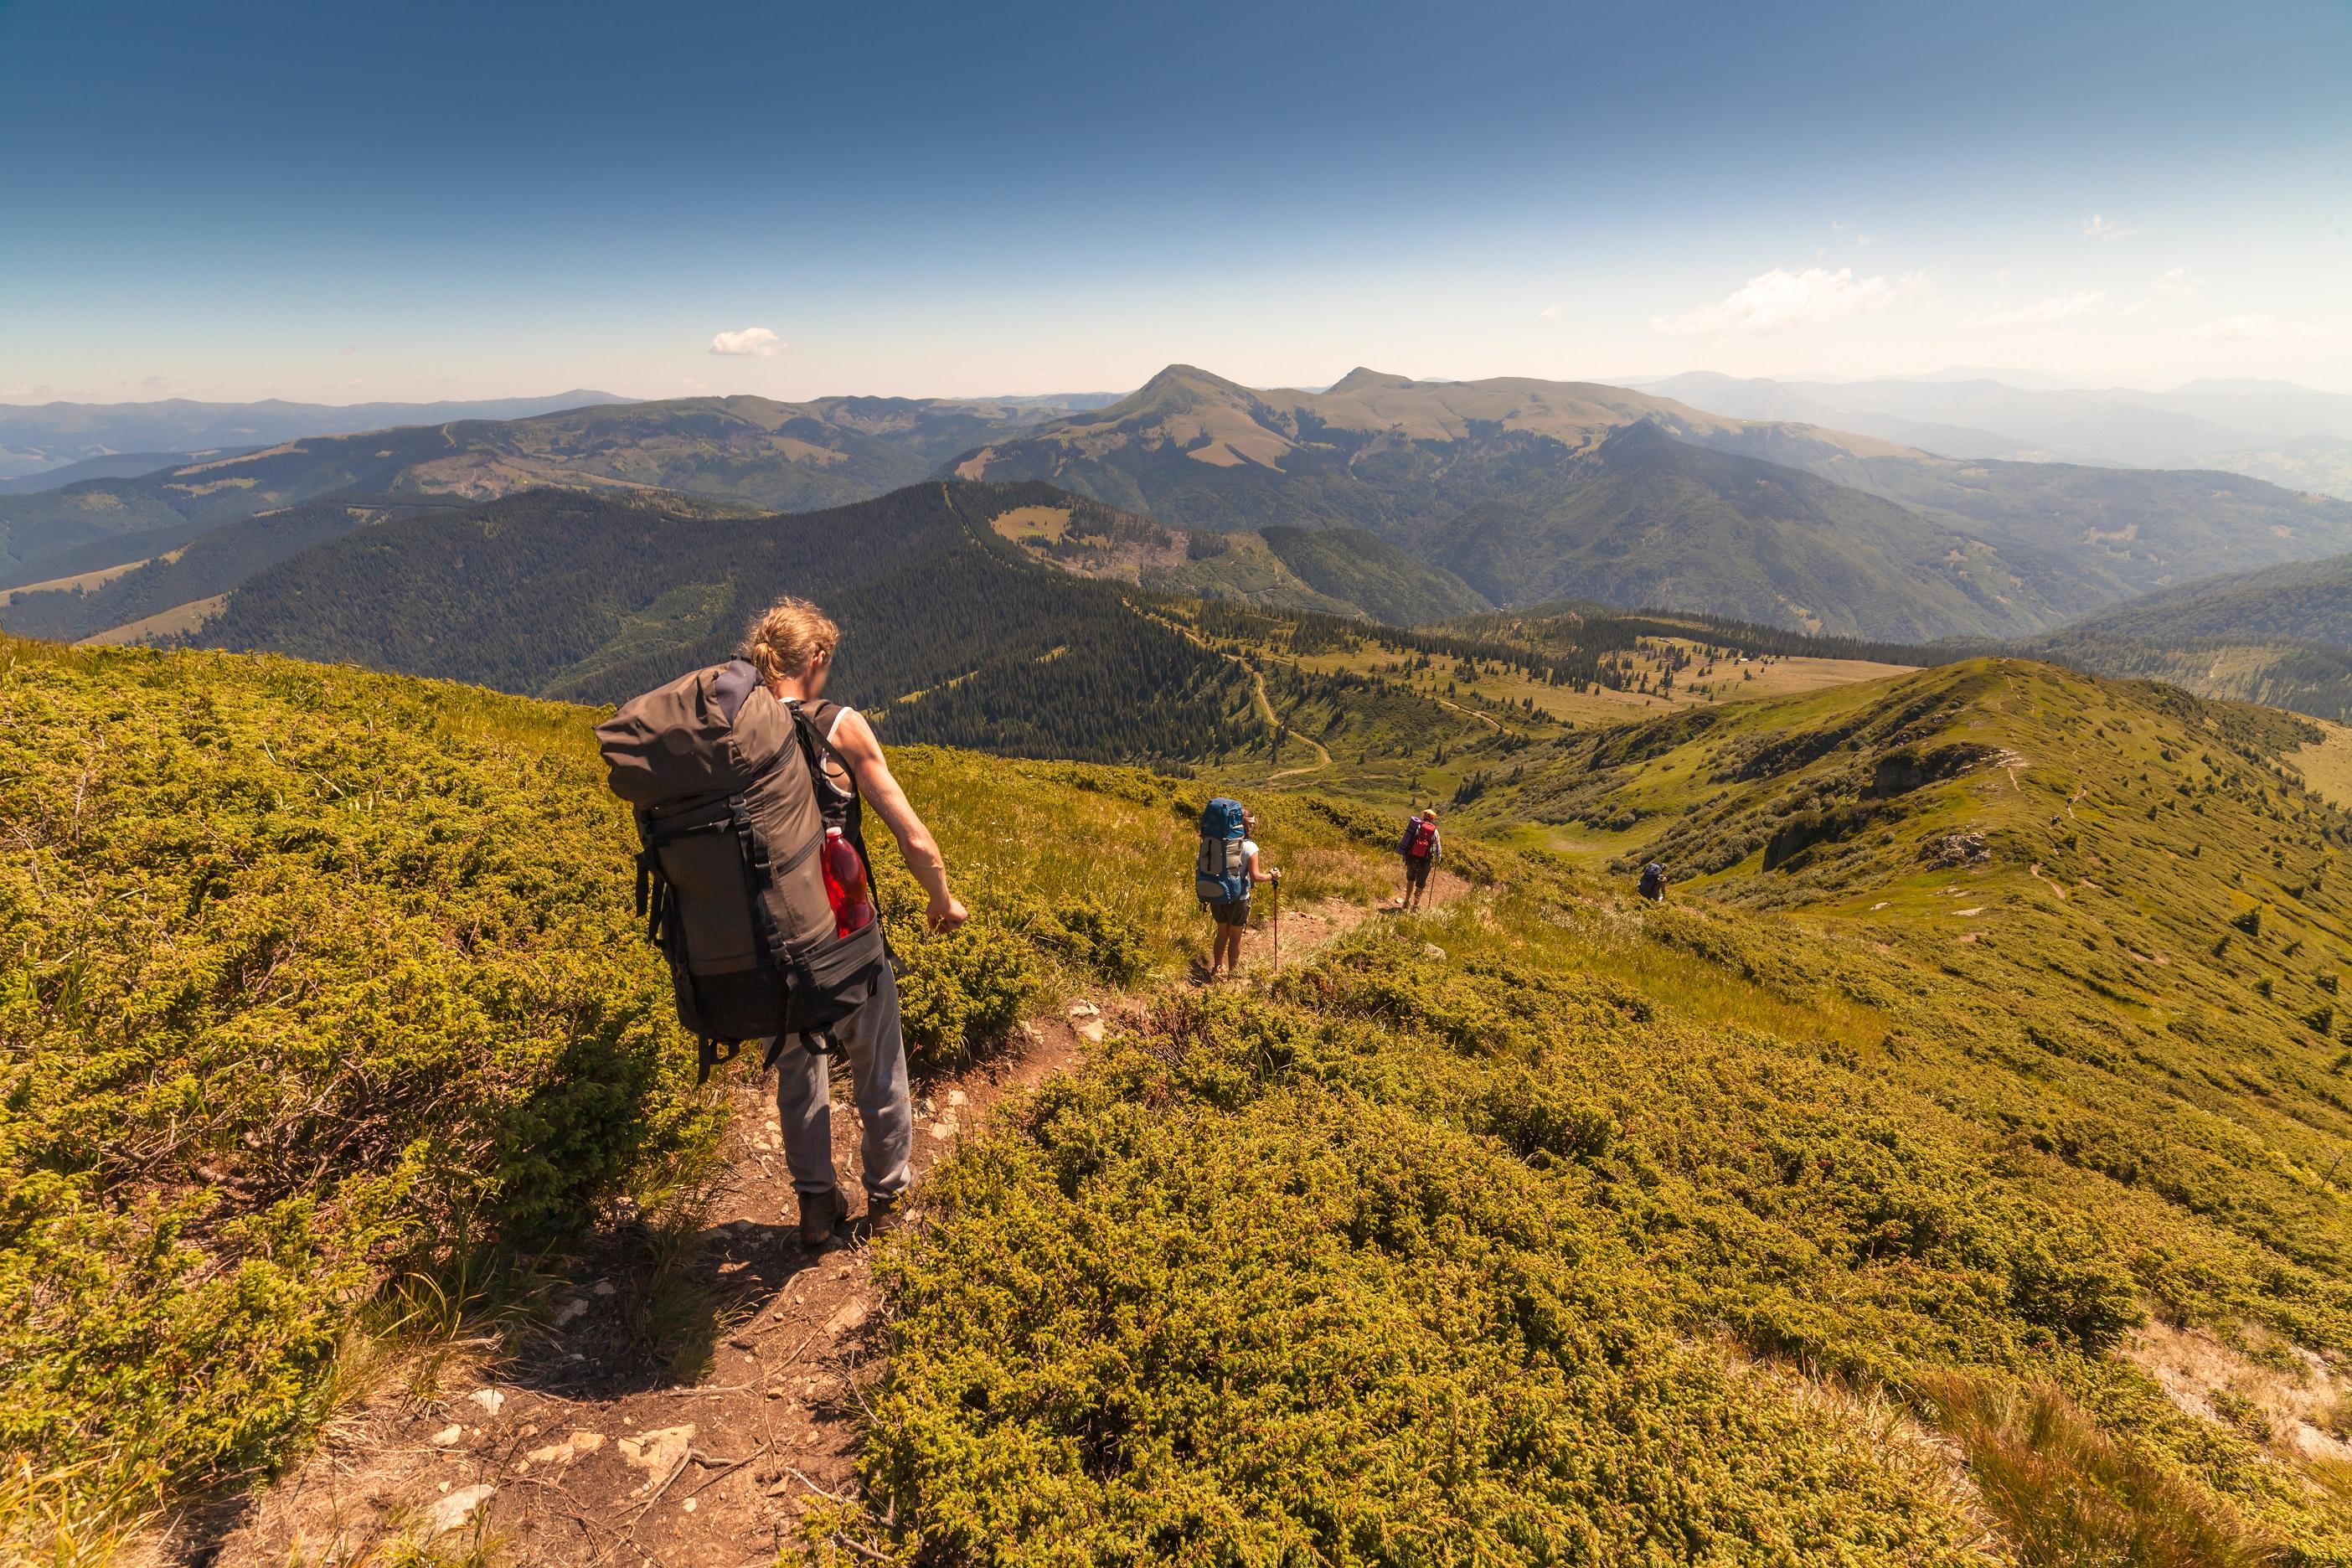 Tecnologie eco-compatibili e imprese innovative per dare impulso al turismo sostenibile